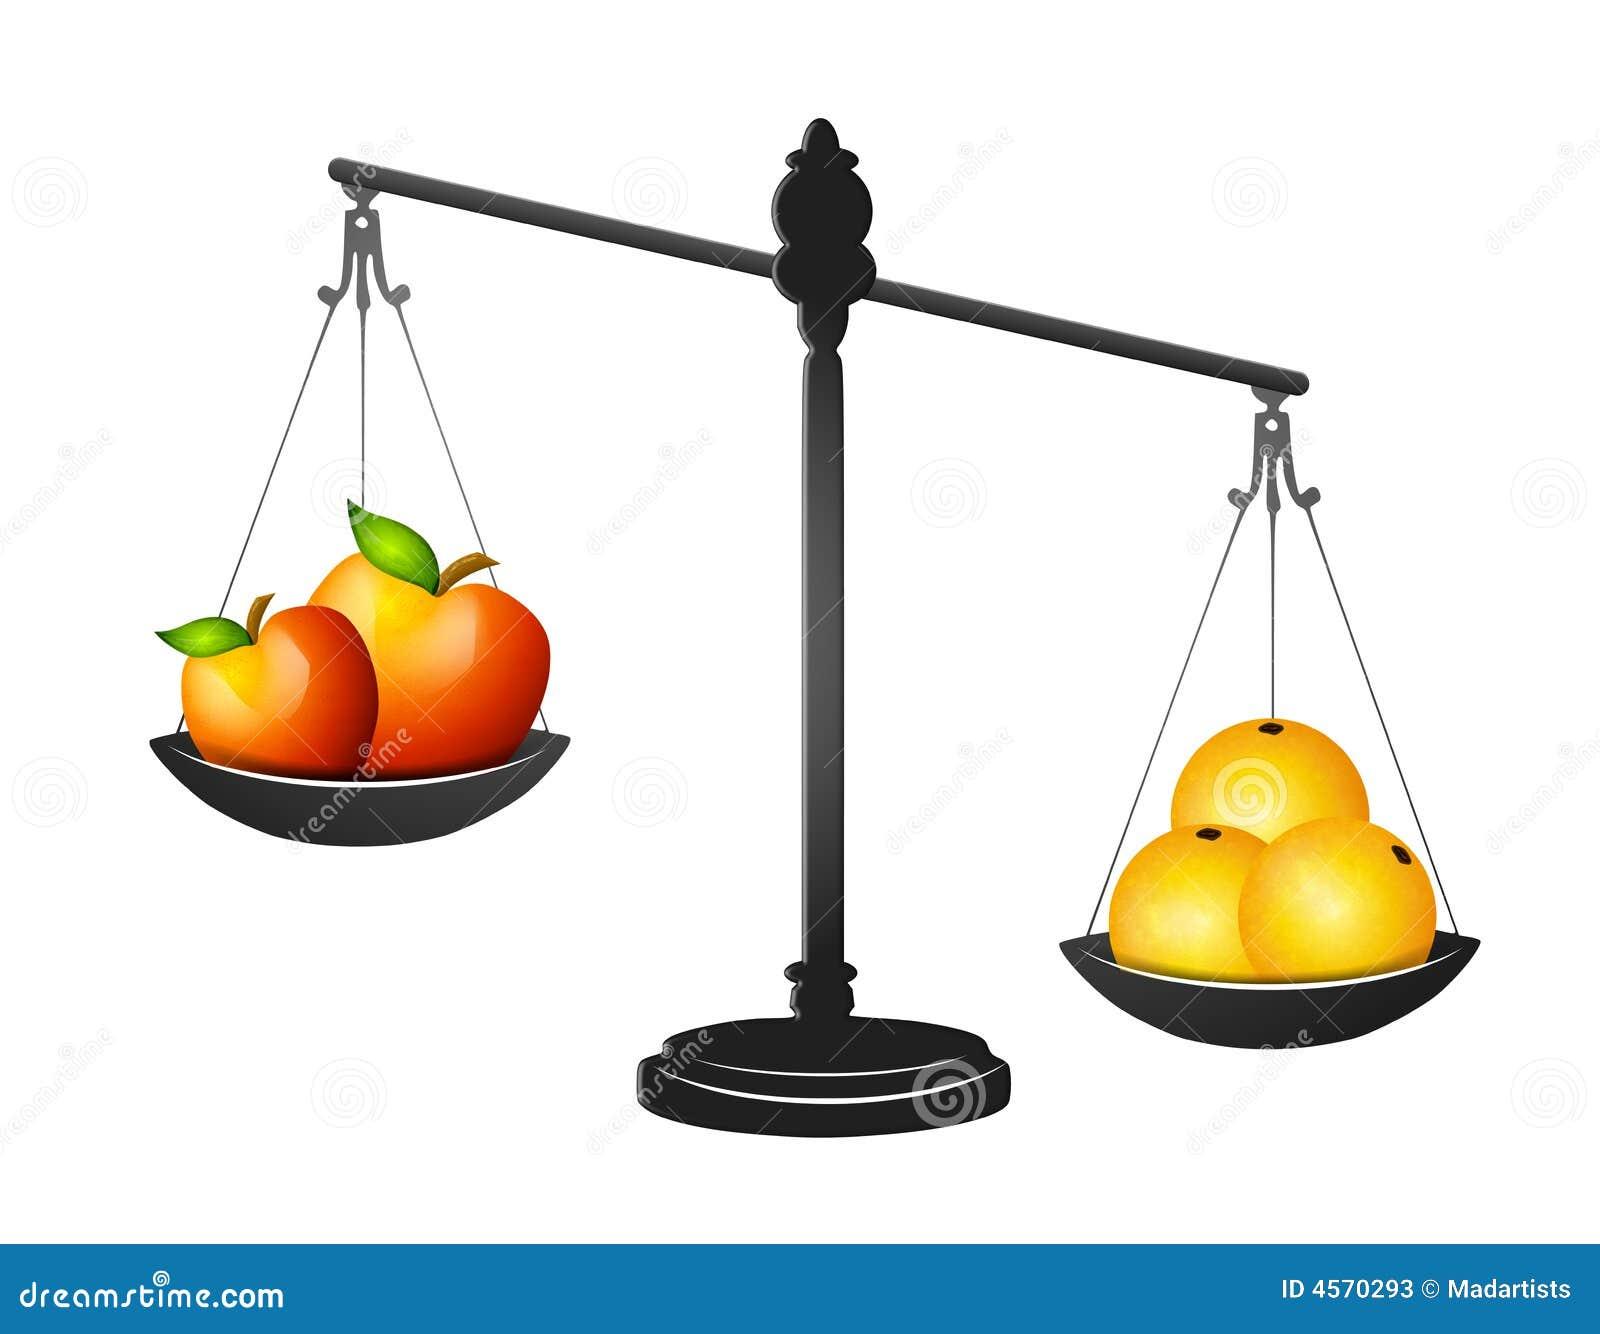 scale. Uneven Balance Scale Clip Art Uneven Balance Scale Clip Art ...